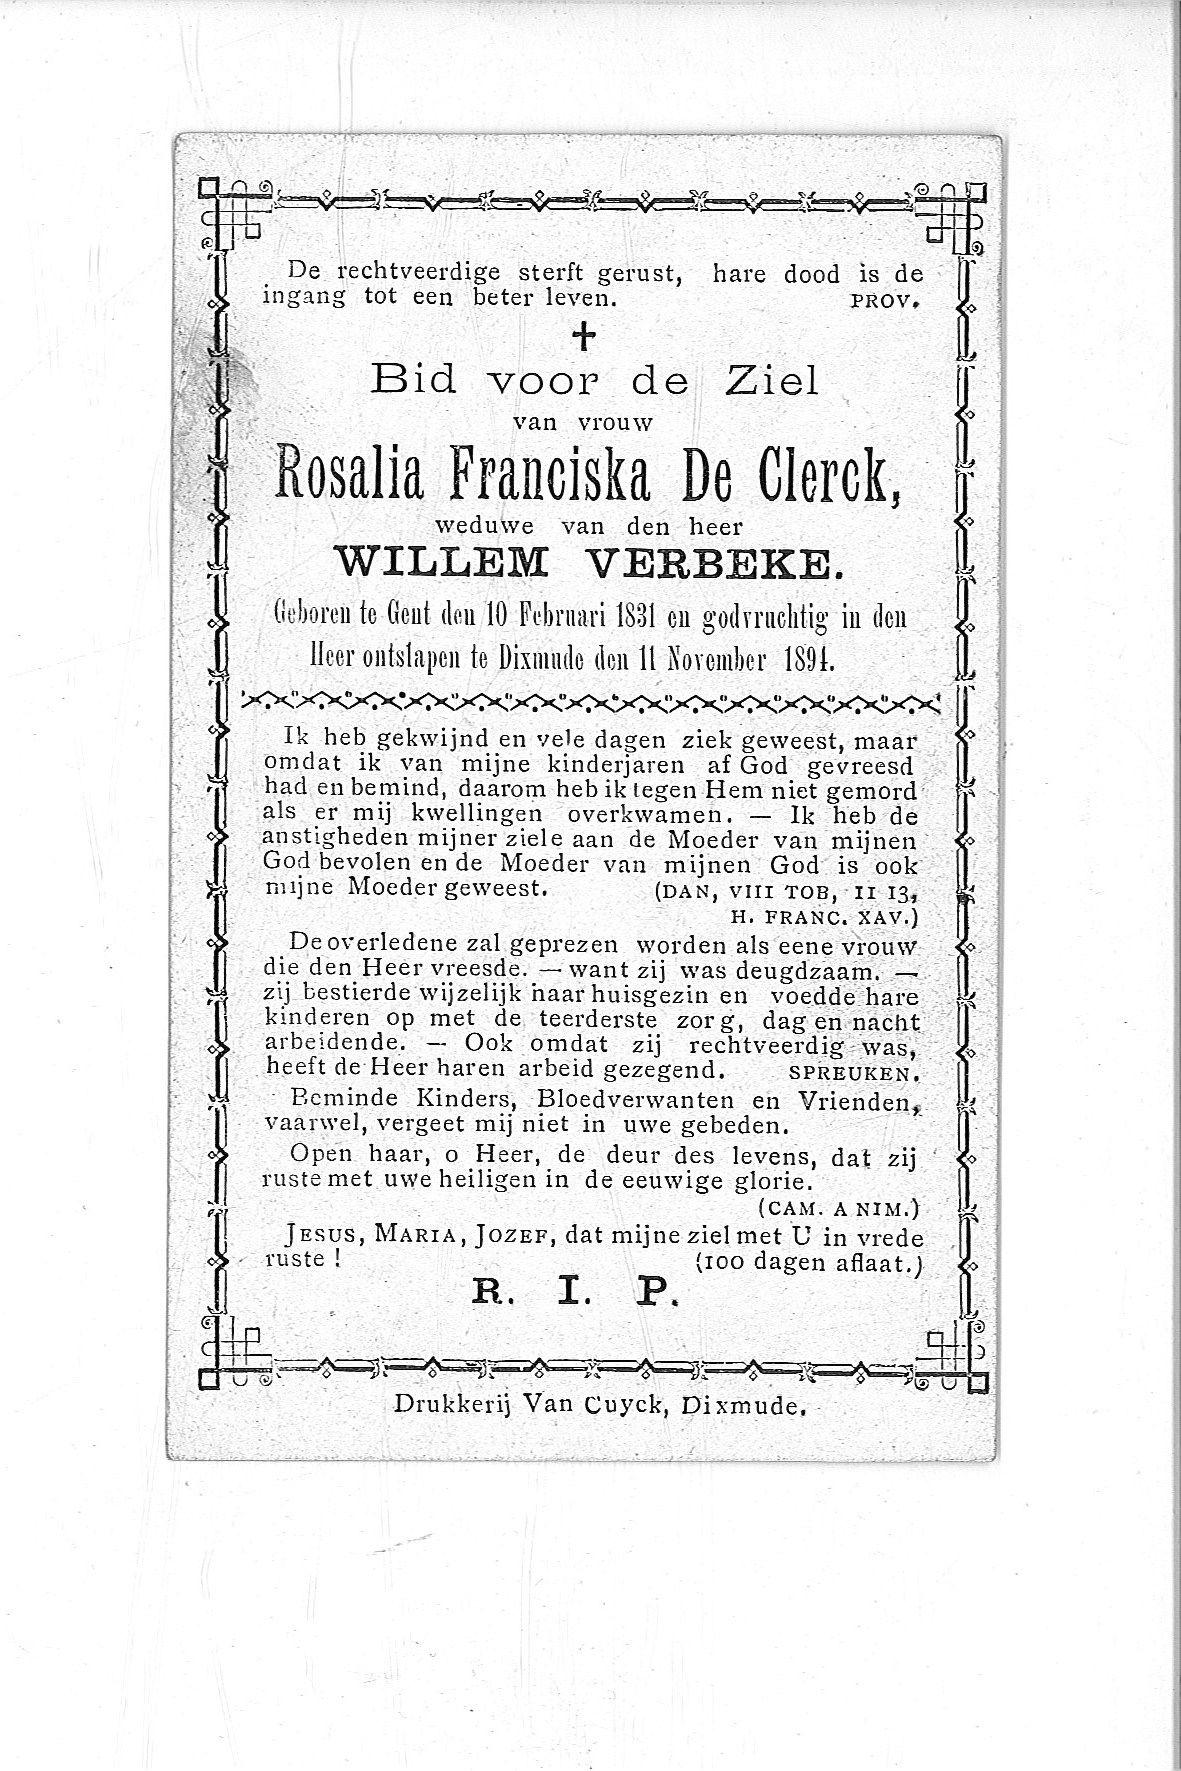 Rosalia-Franciska(1894)20090903142539_00050.jpg